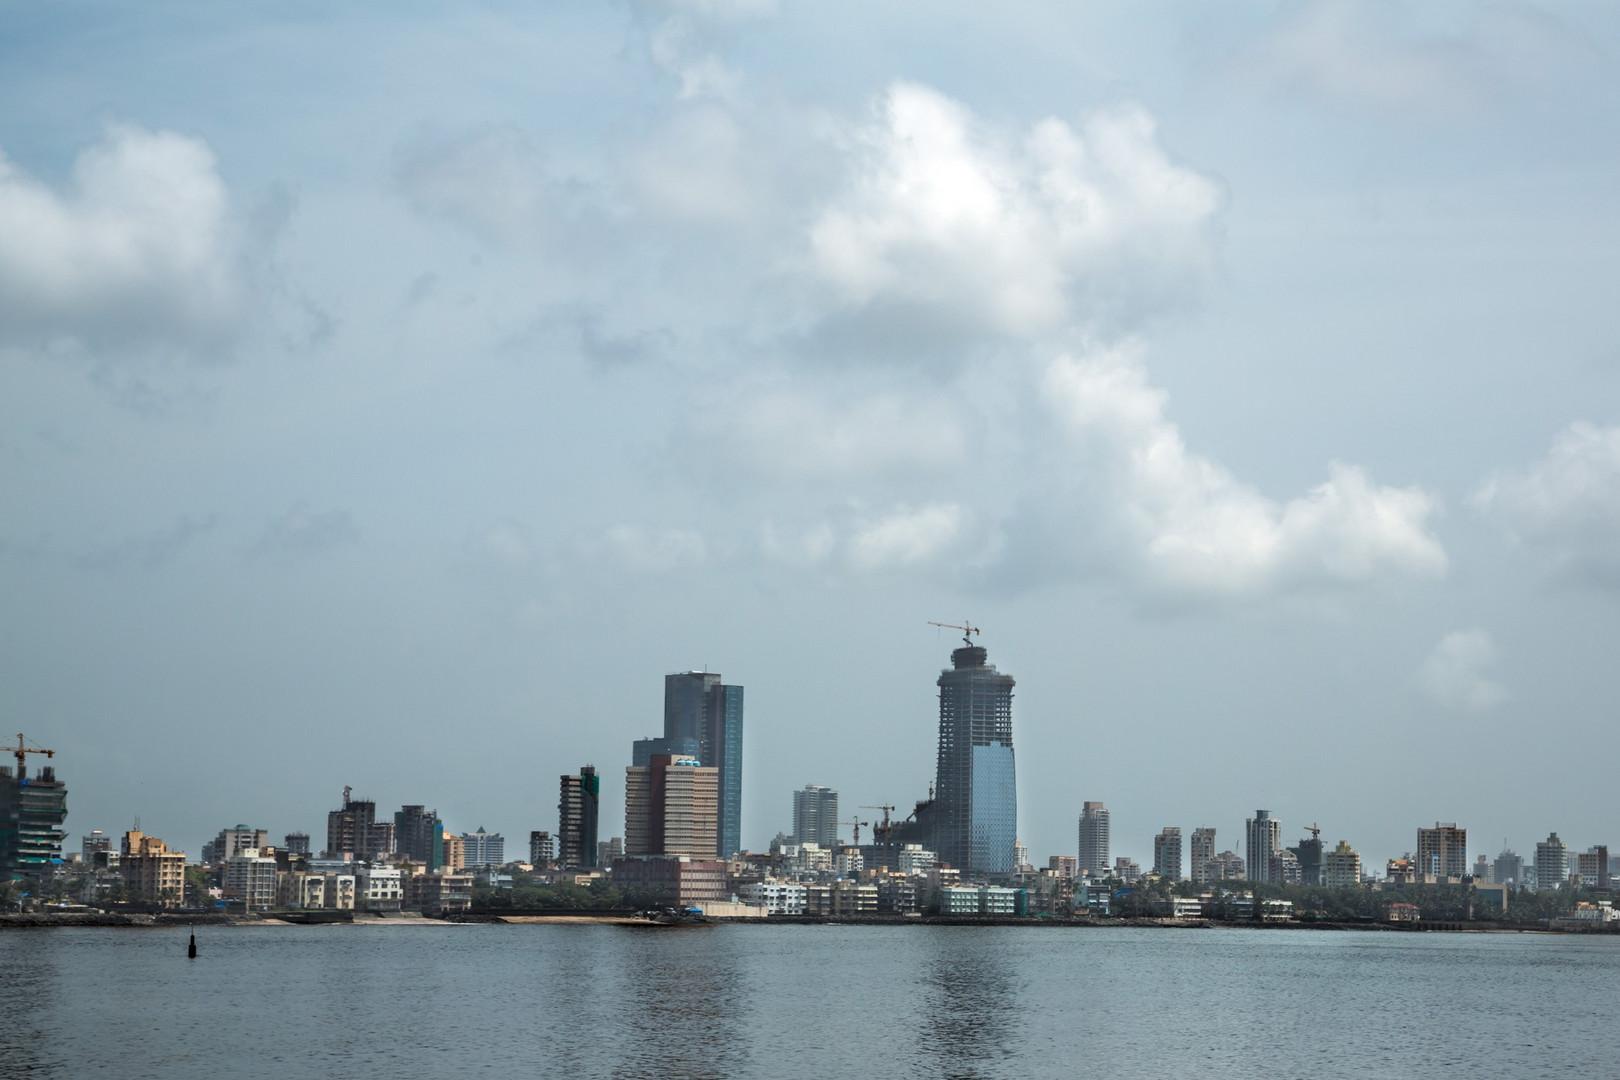 Arrivée à Bombay : Photo prise du taxi qui nous emmène à la Porte de l'Inde